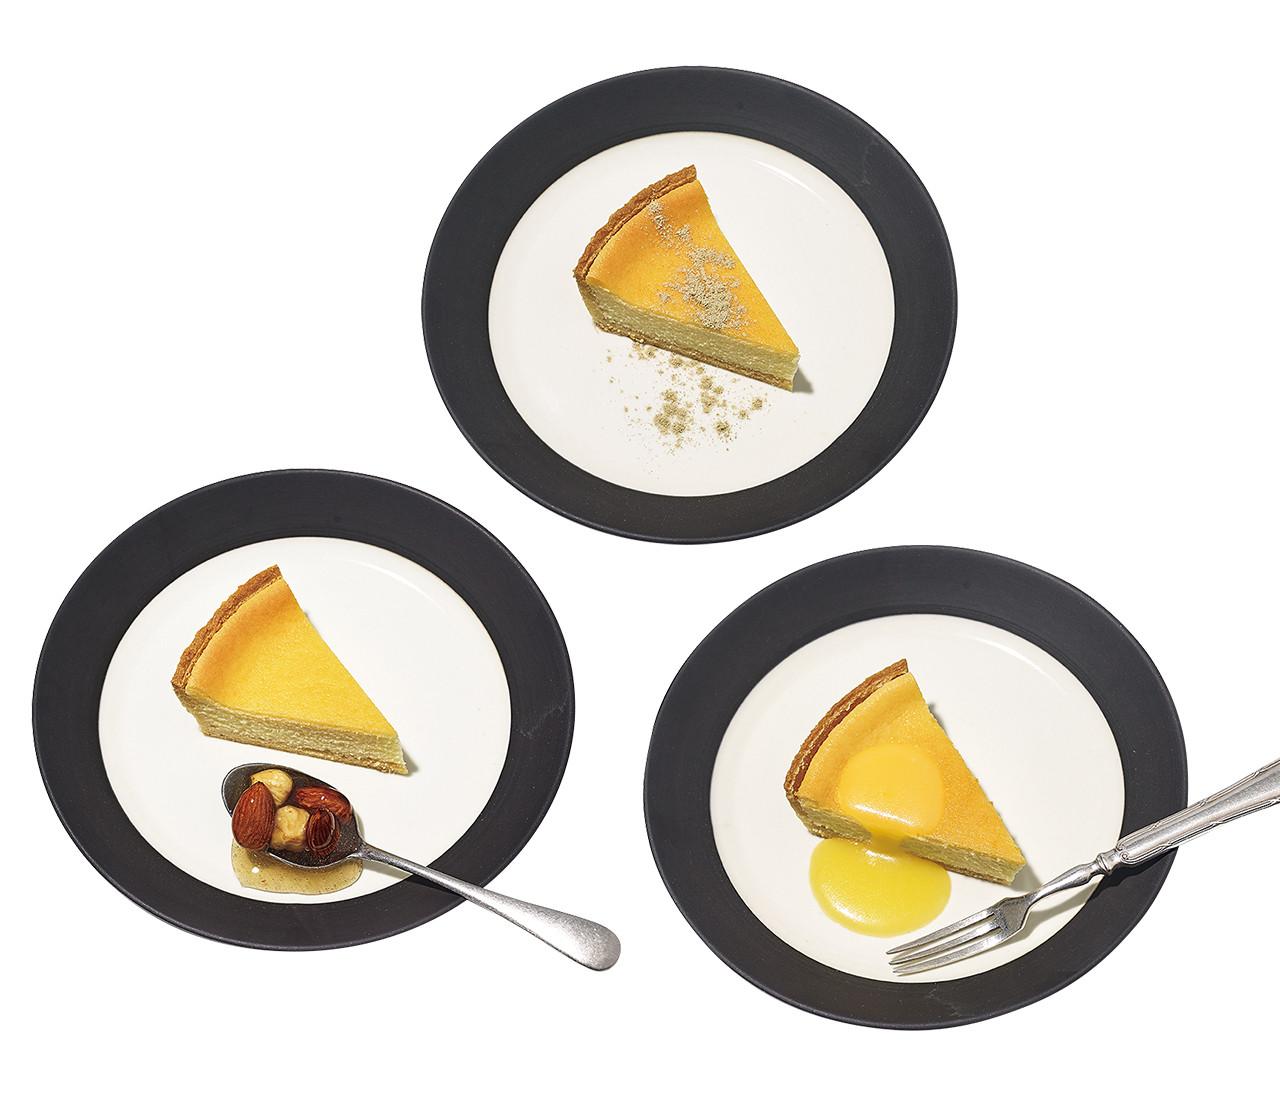 """市販のチーズケーキがぐっと美味しくなるオトナの""""ちょい足し""""レシピ3選!"""